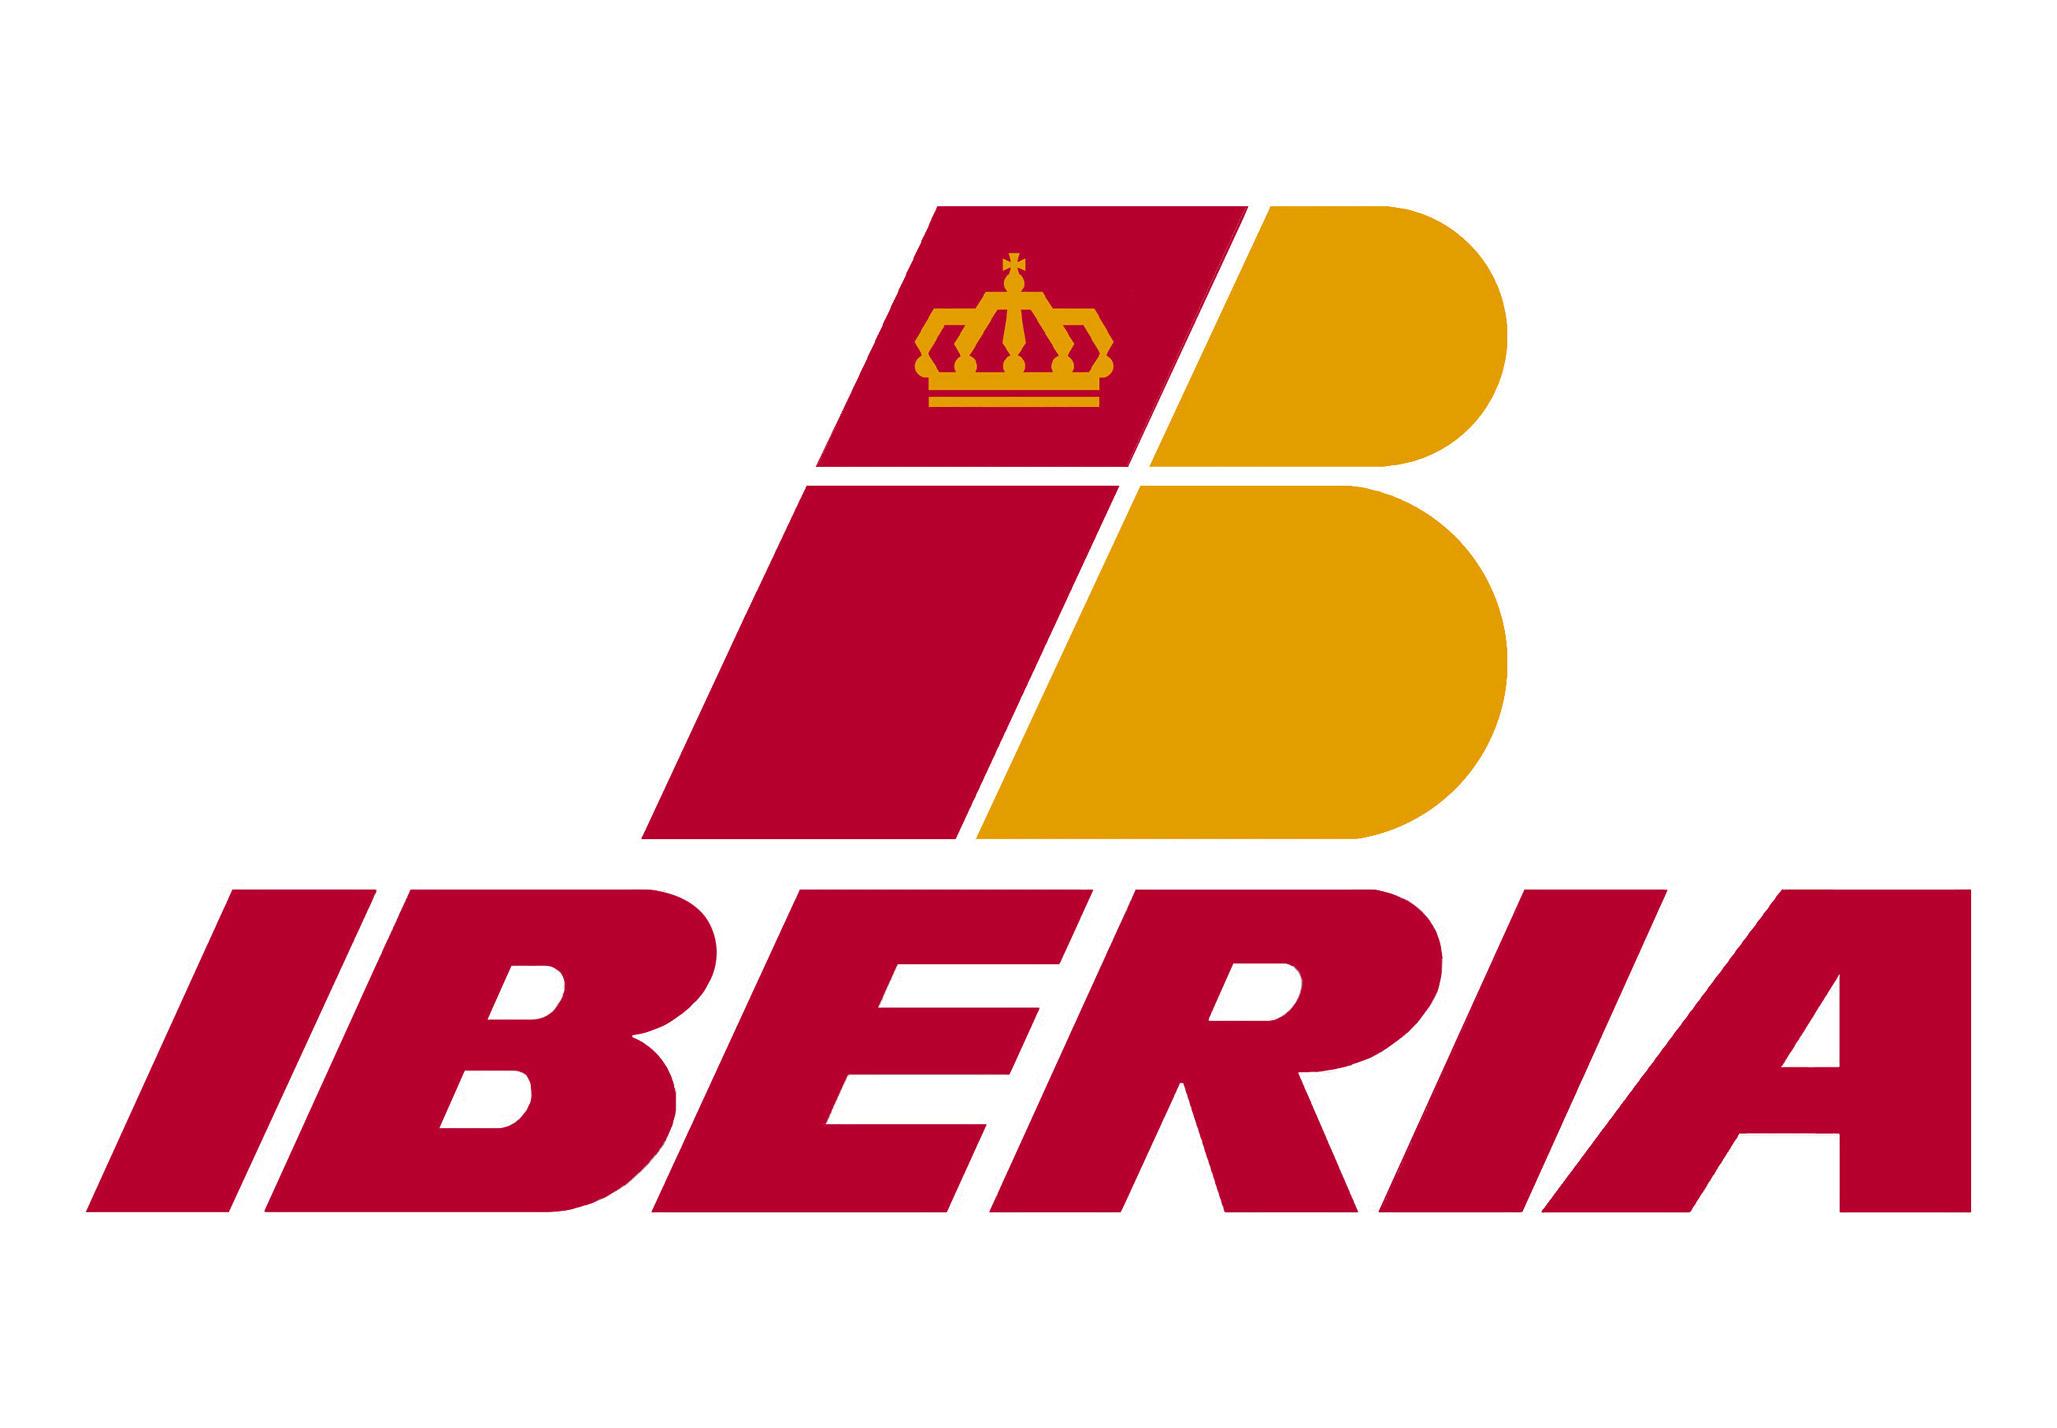 Iberia plantea competir en precios con las low cost for Precio logo